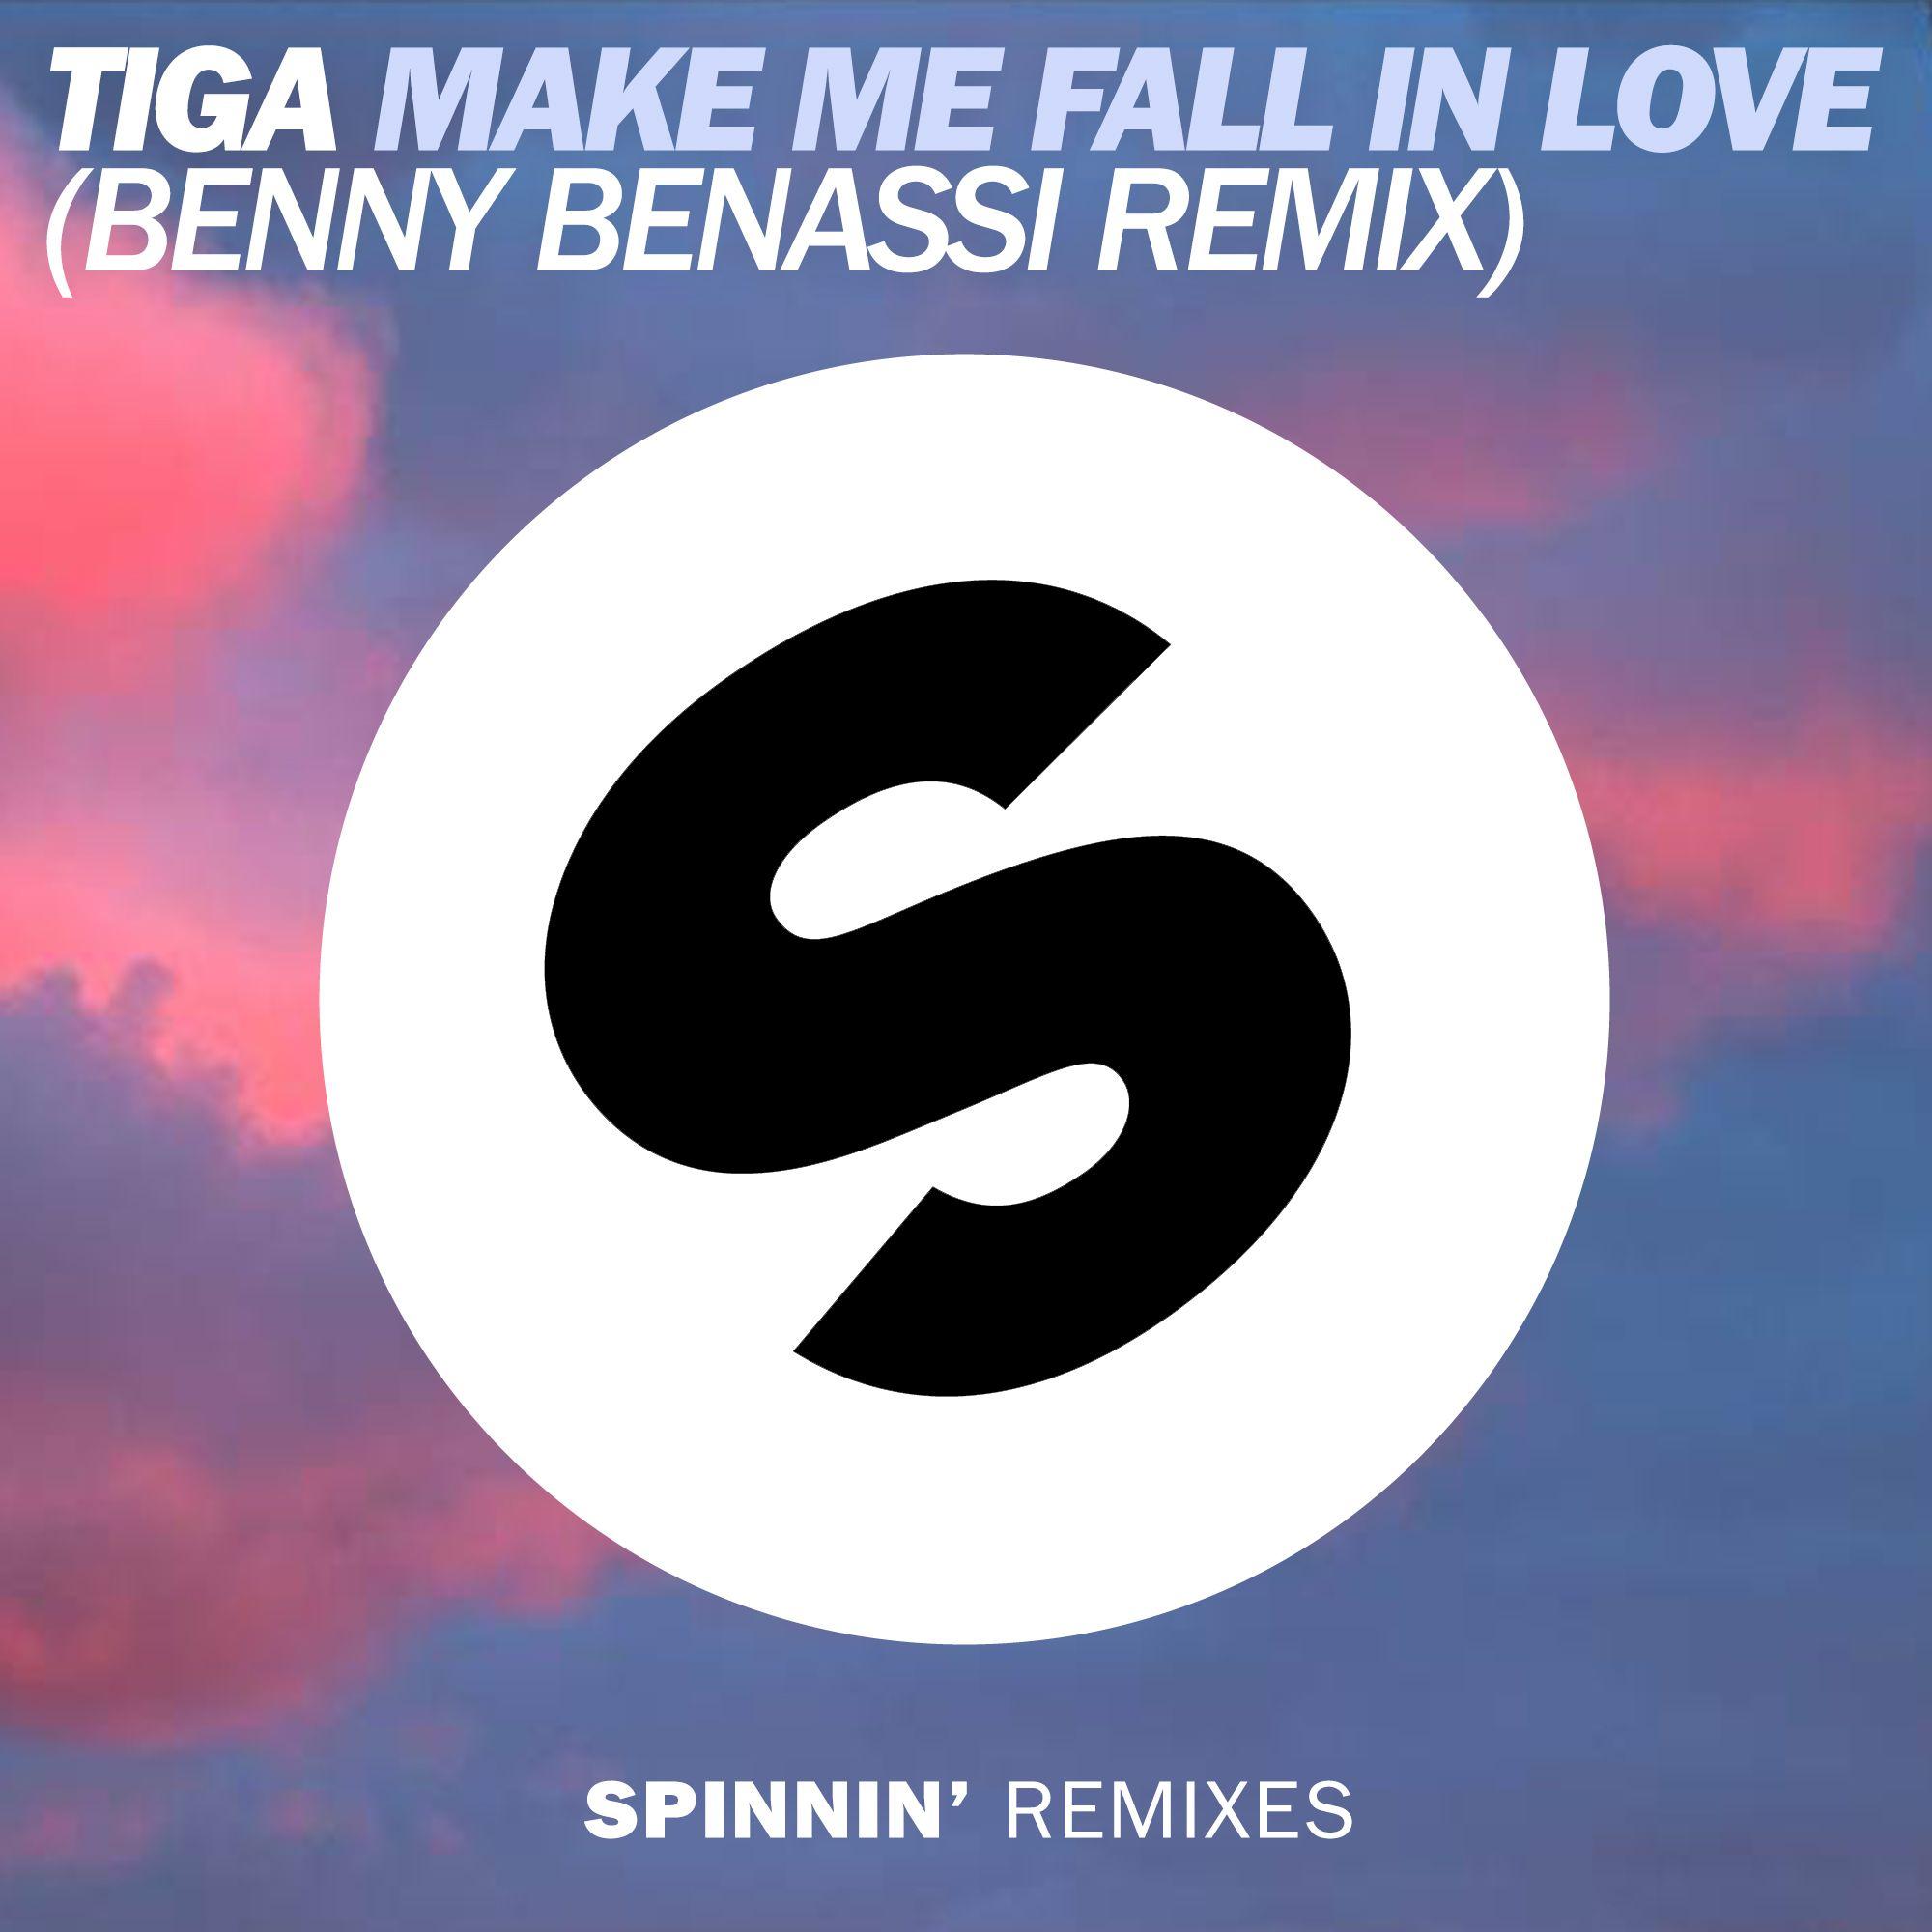 sprmx_tiga_-_make_me_fall_in_love_benny_benassi_remix.jpg